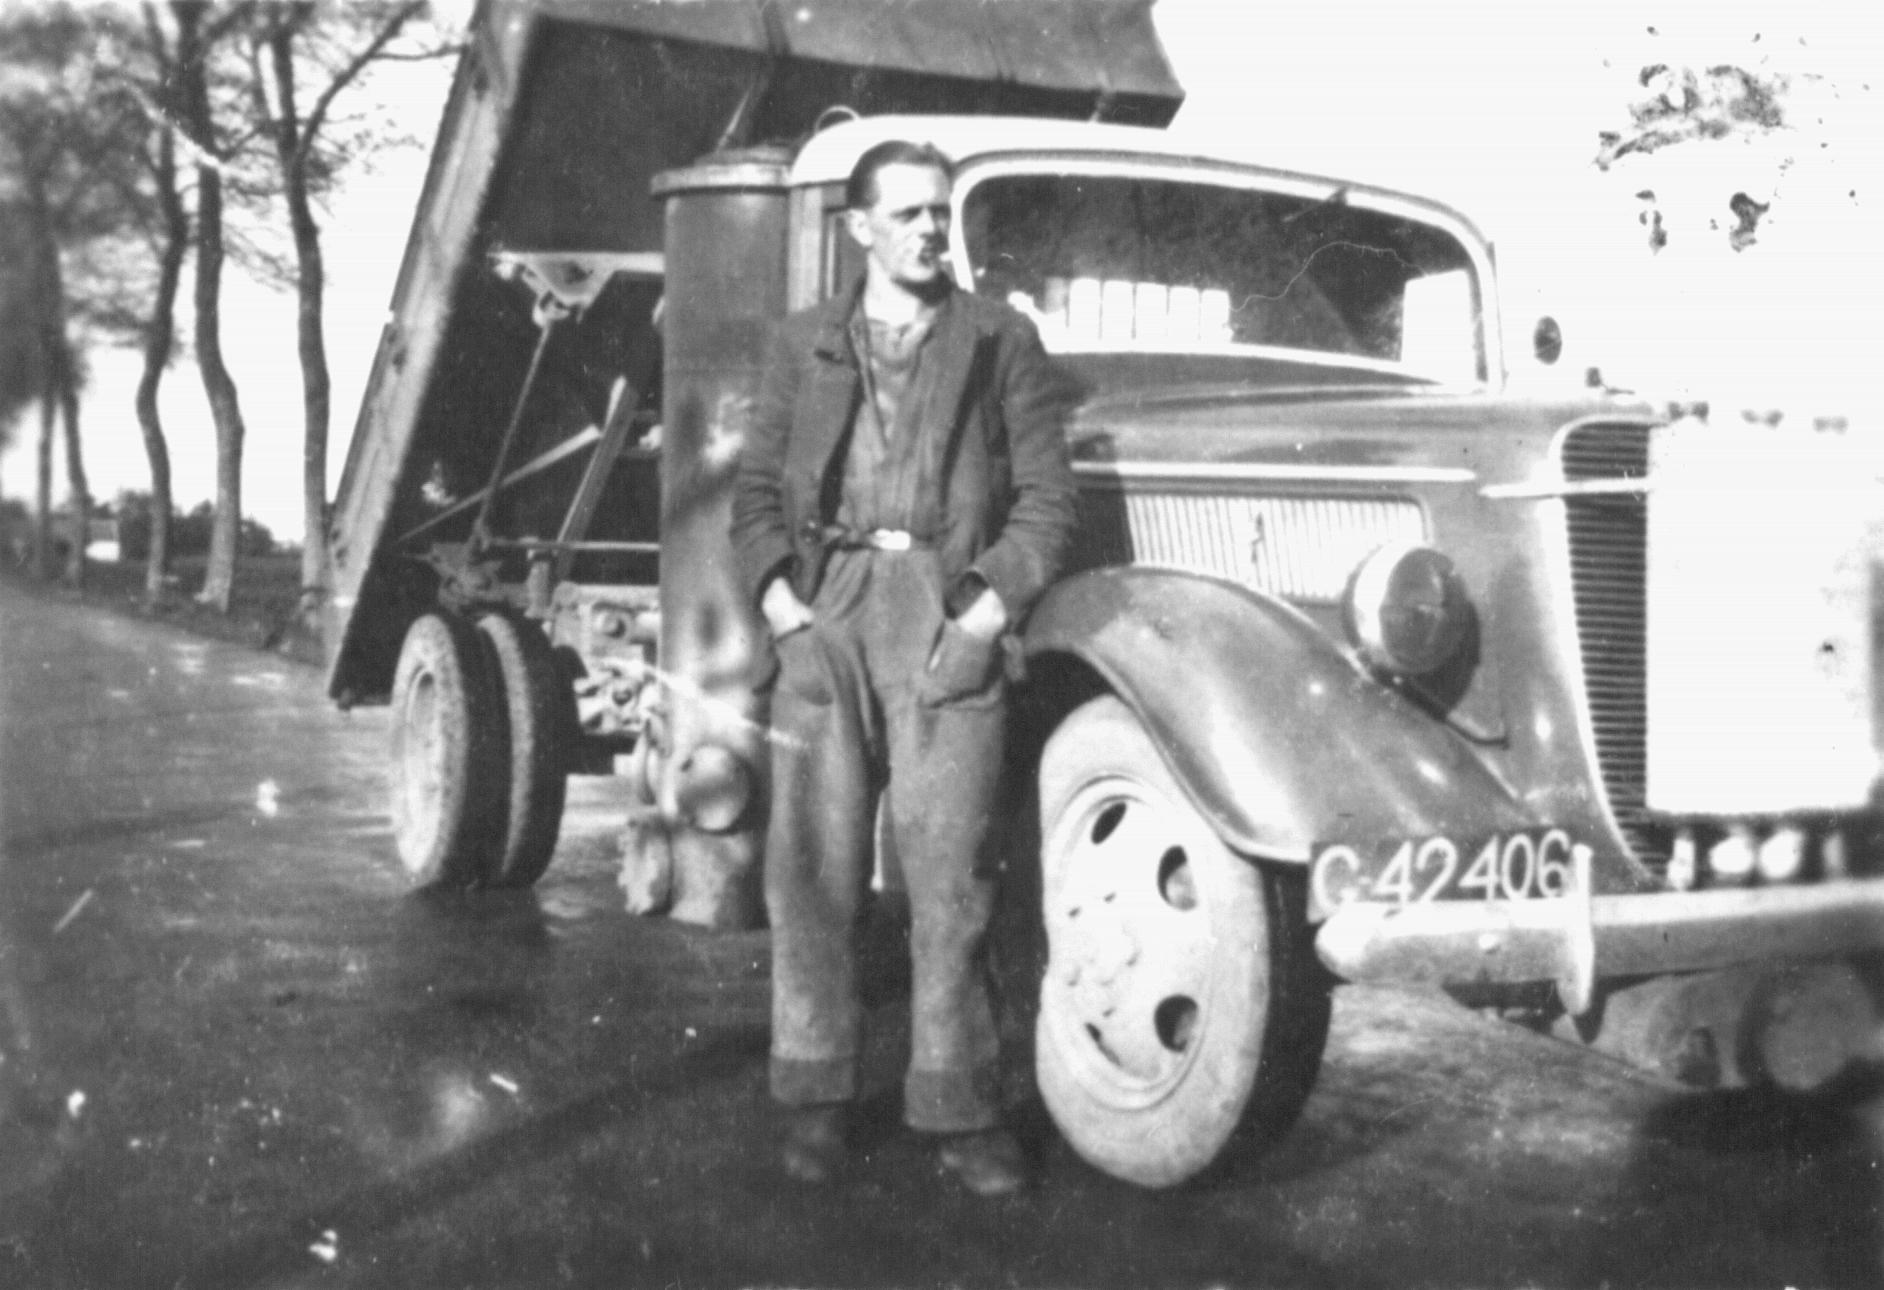 Transportbedrijf Oud in 1940